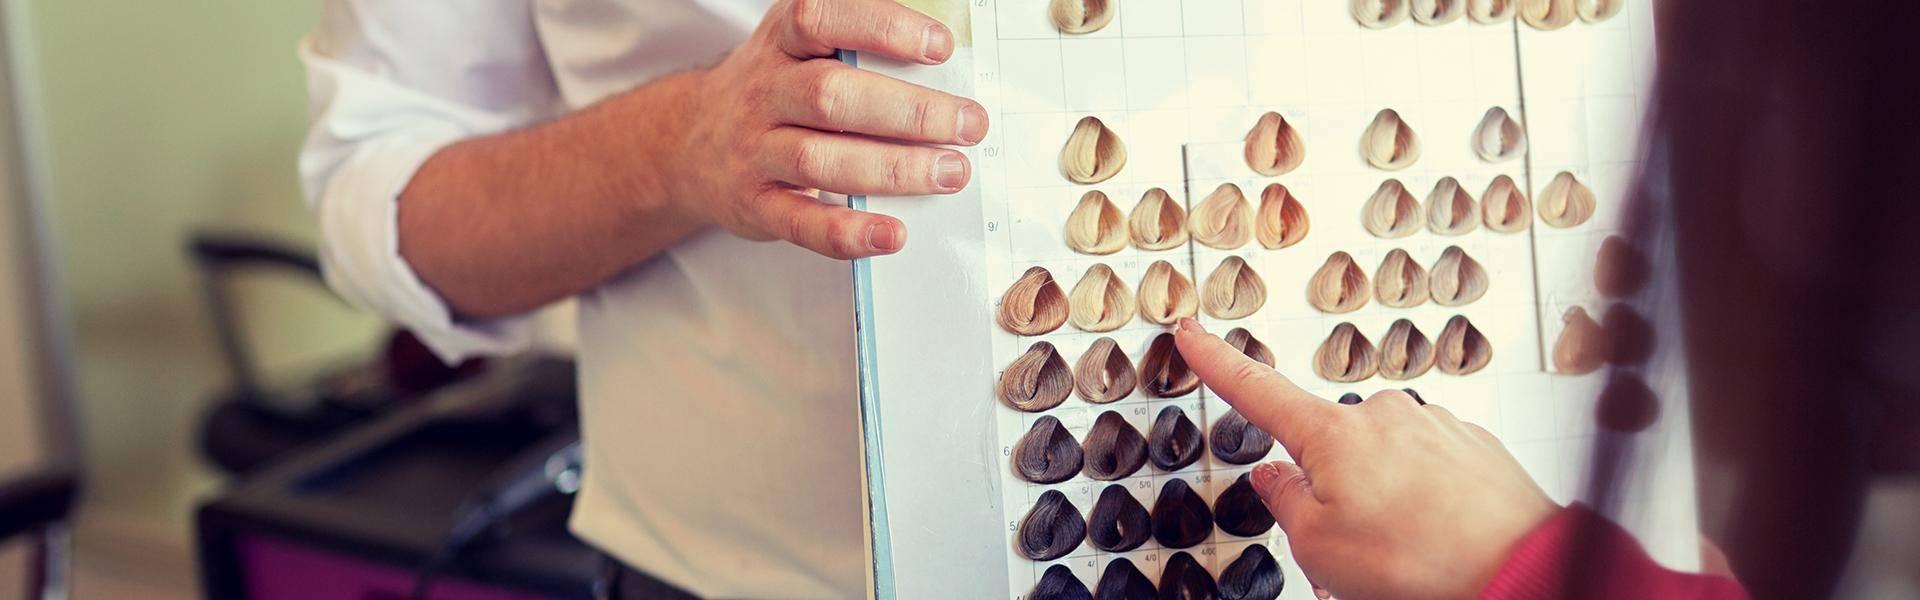 Casa del parrucchiere a Lecco ed Oggiono